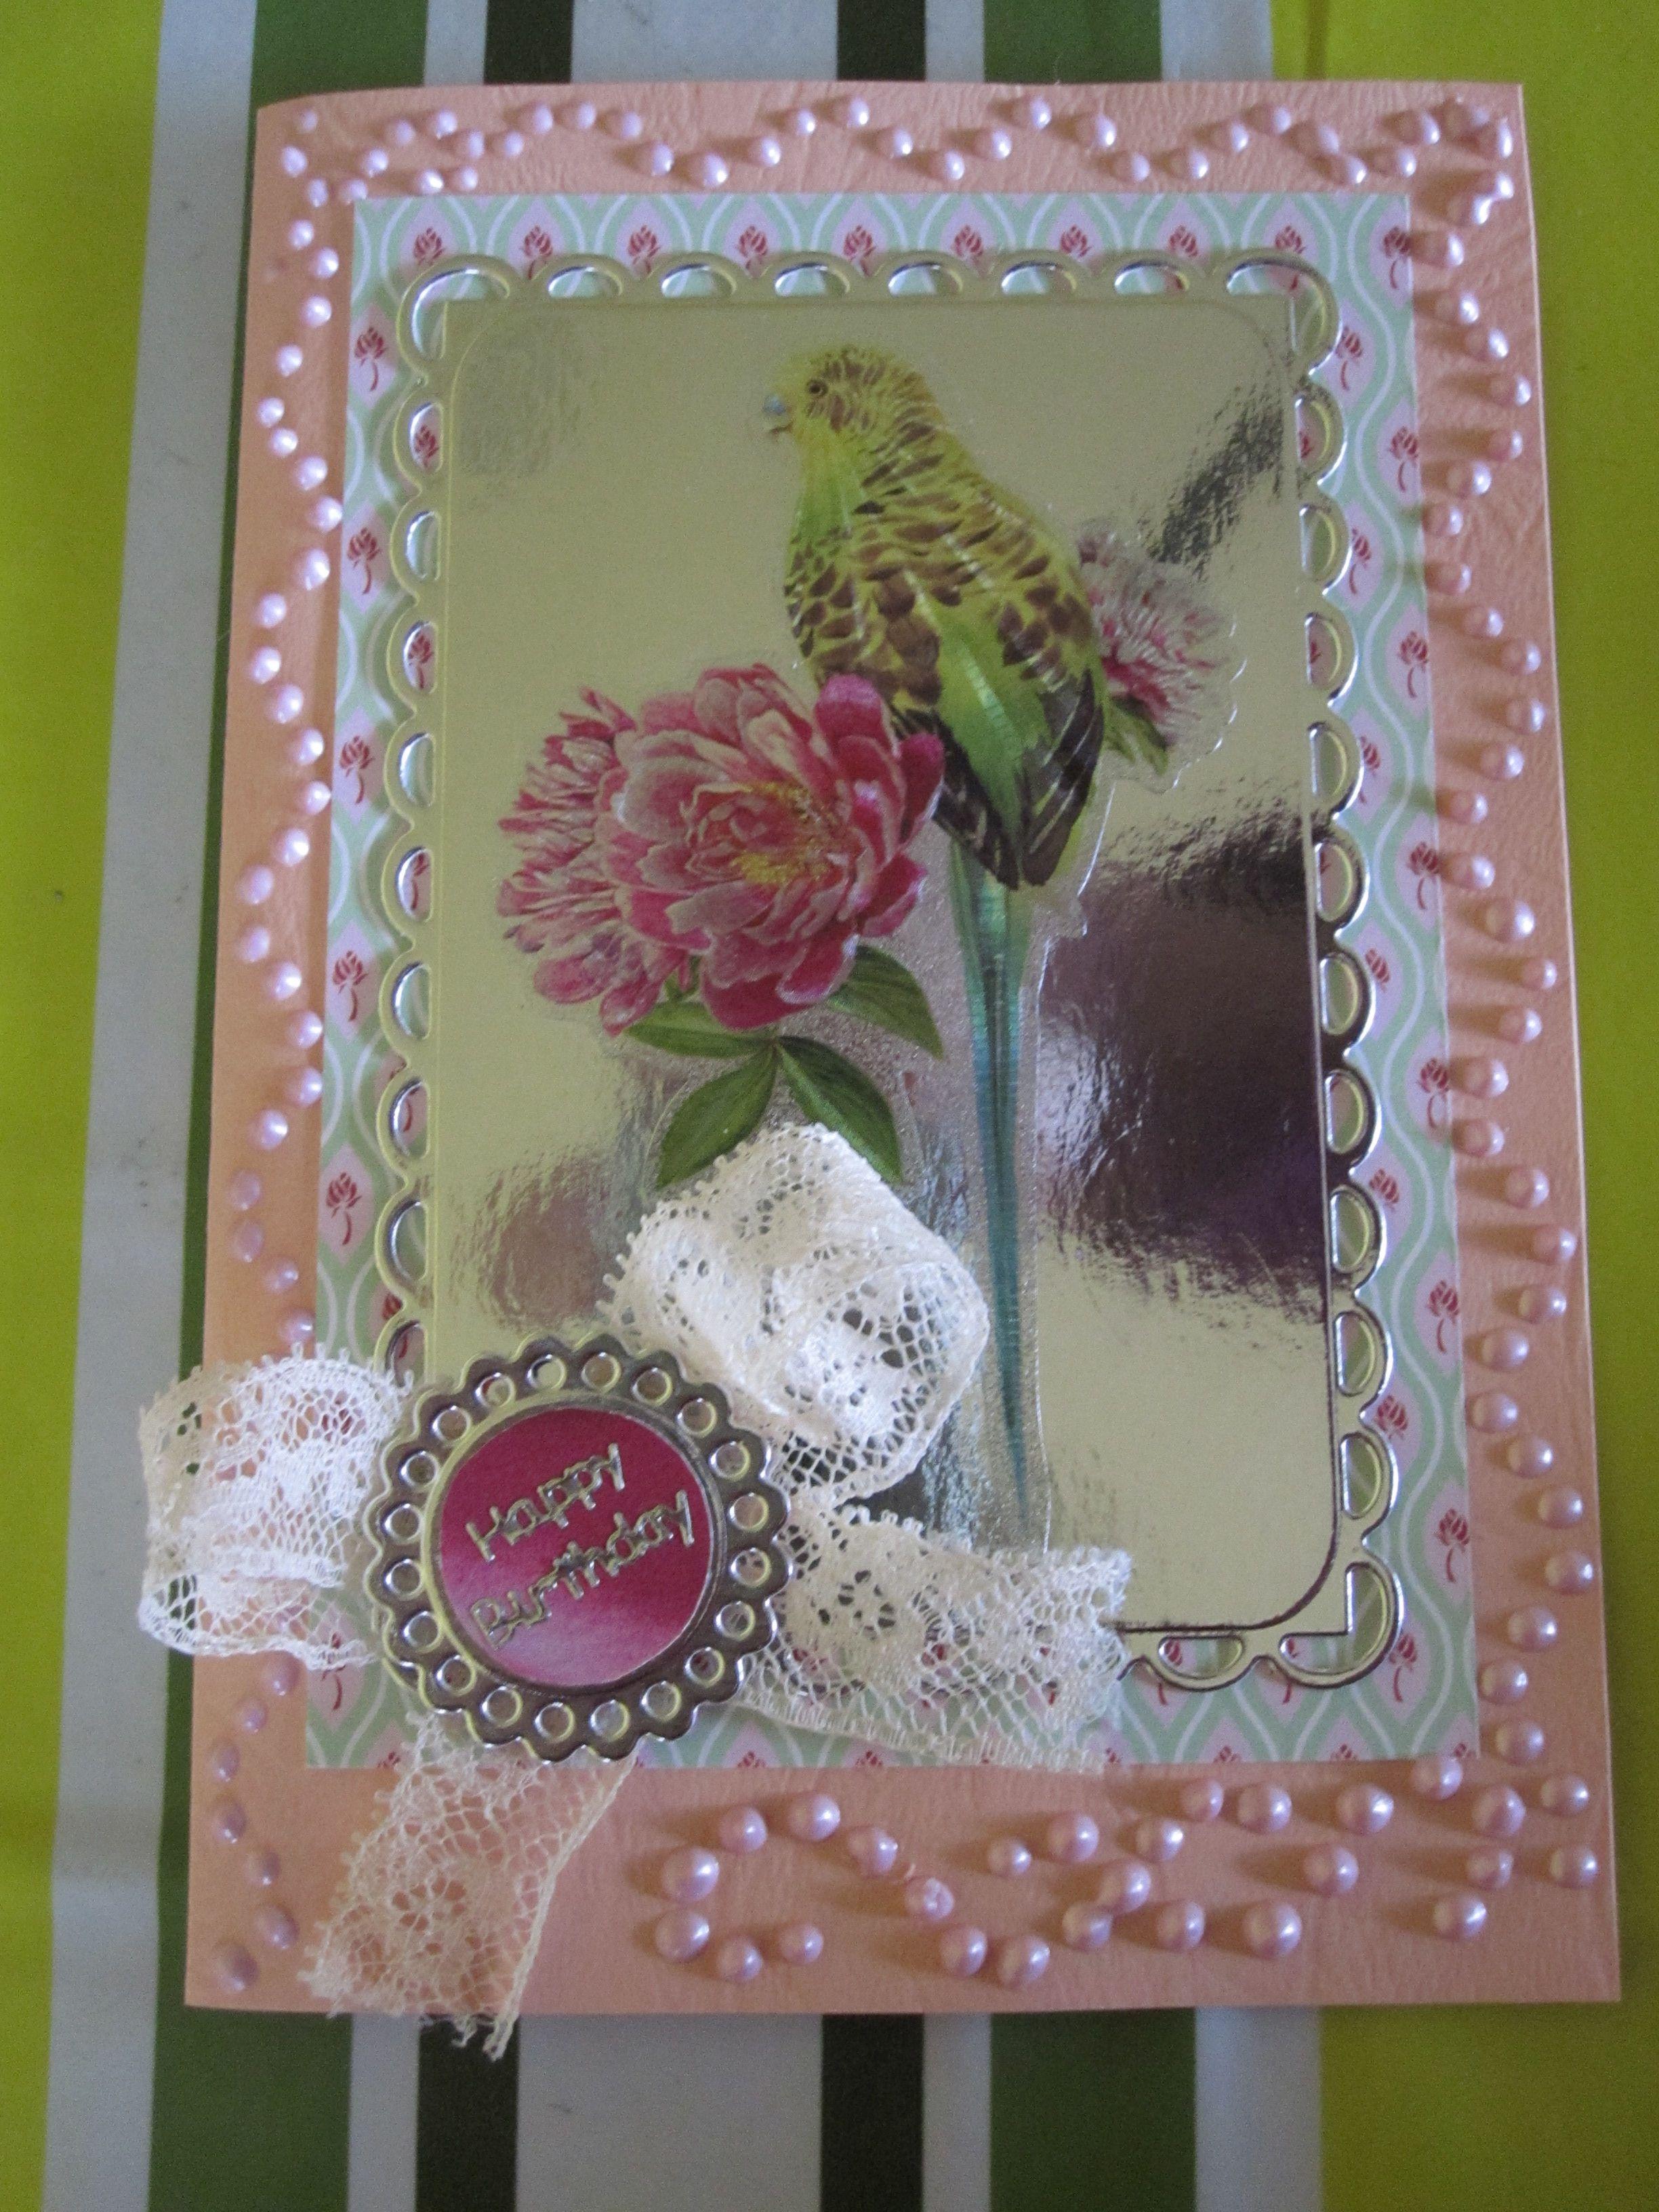 Happy Birthday - vielleicht etwas zu viele Perlen im Rahmen ...